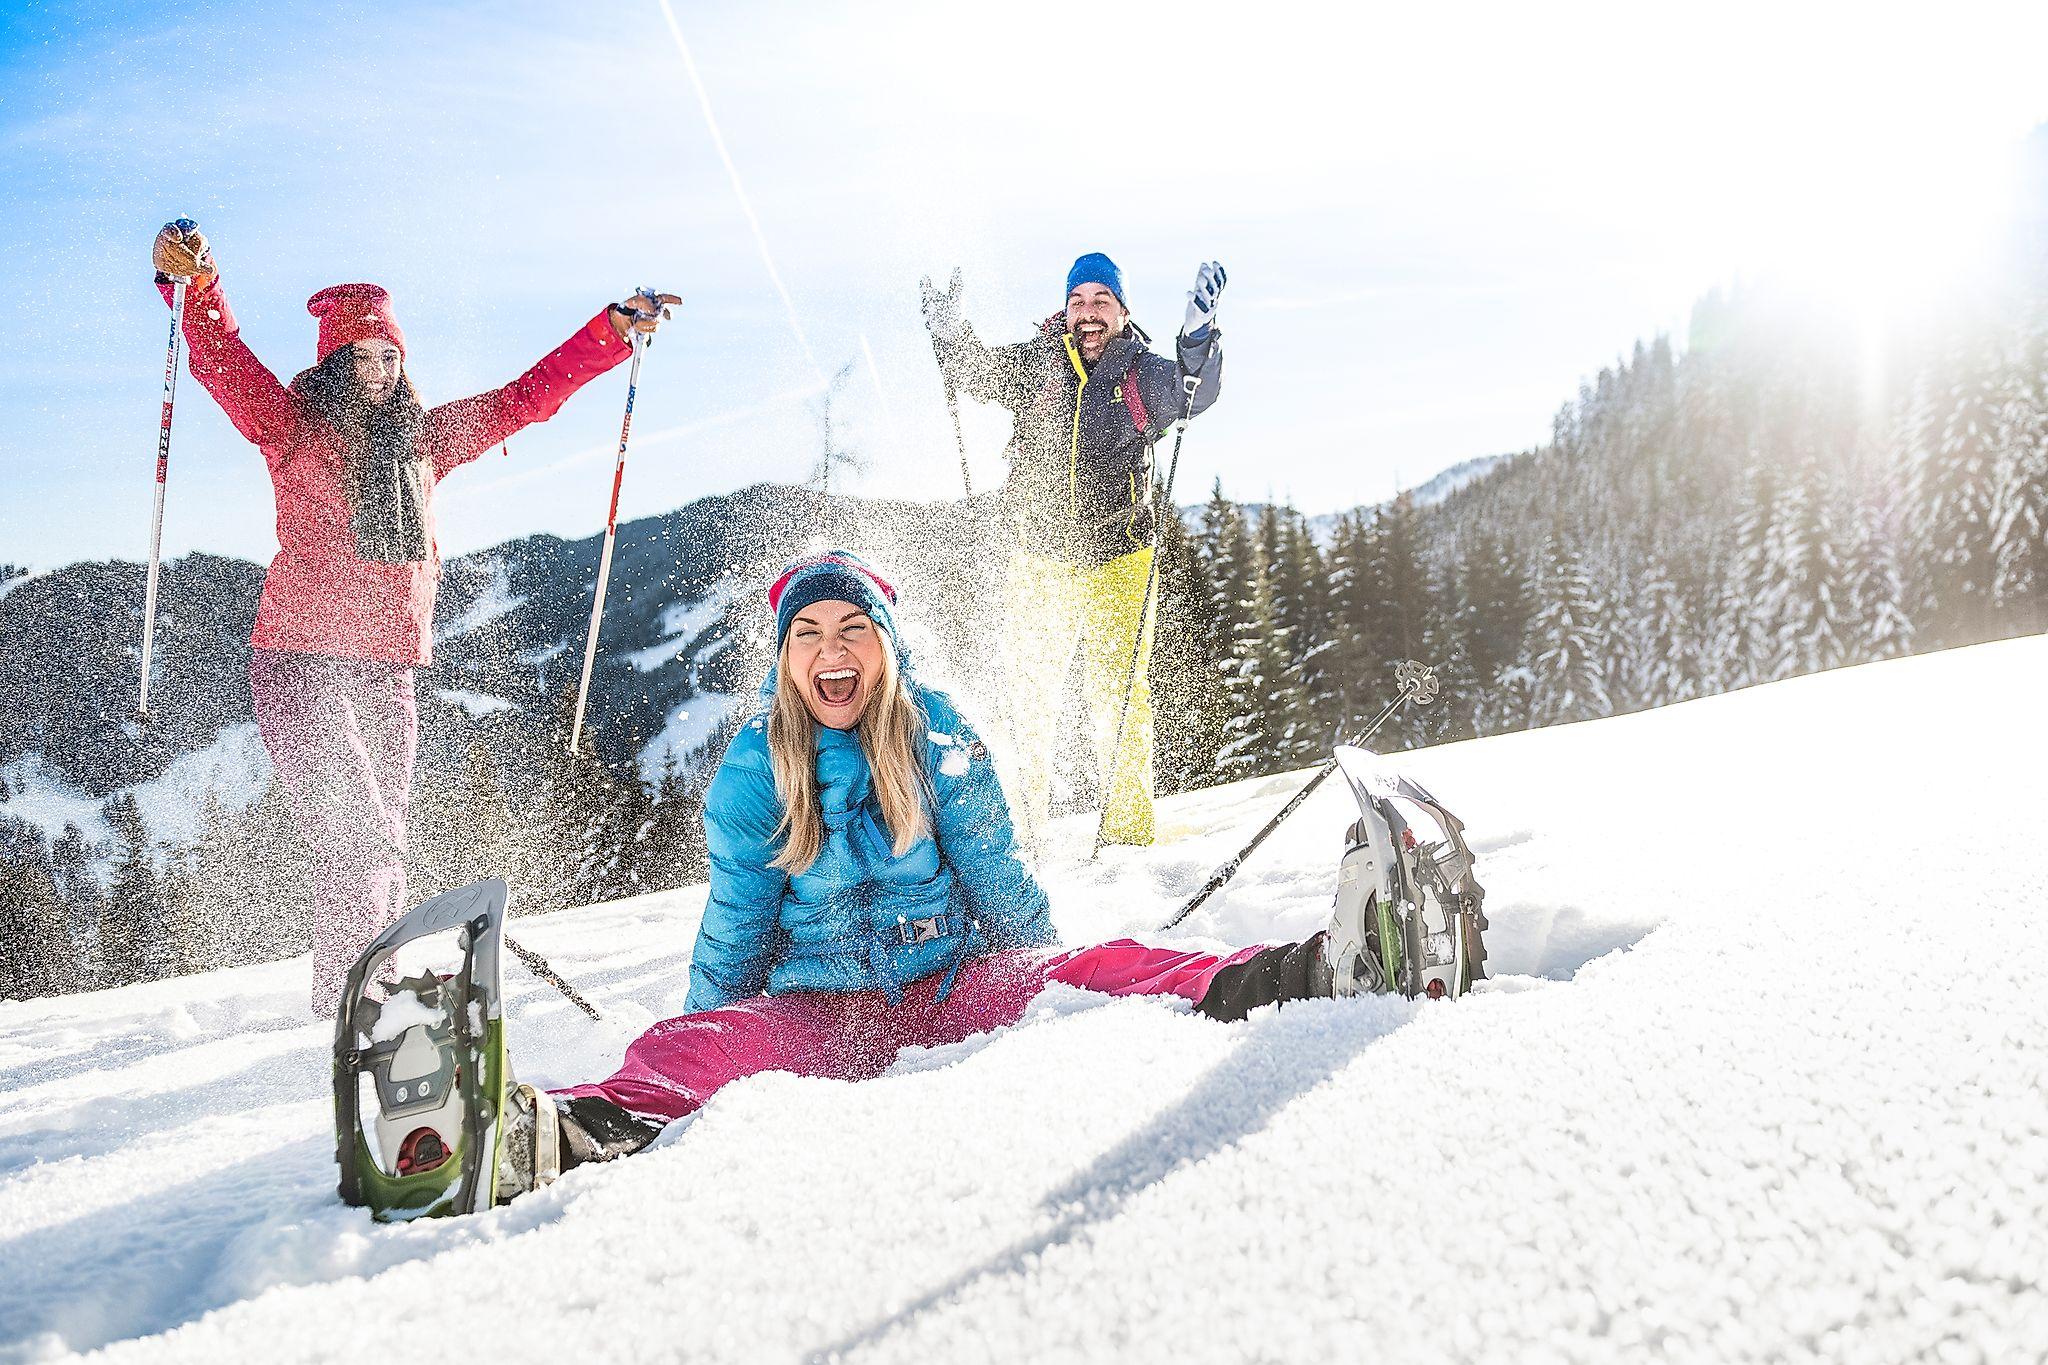 <p>Urlaubsspaß beim Schneeschuhwandern abseits der Piste in Flachau</p>